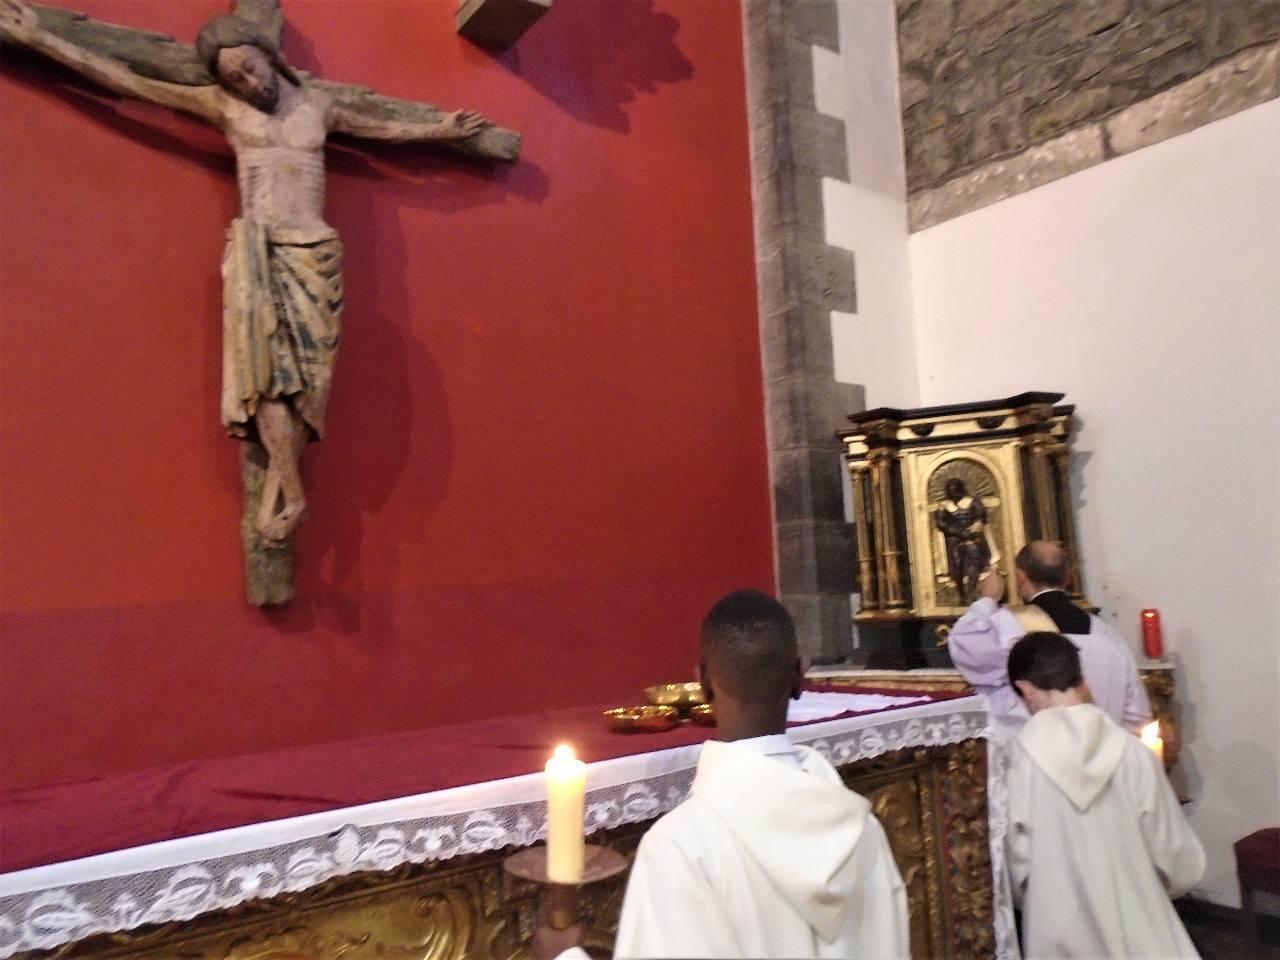 """"""" «Petite clef, oh! Je t'envie, toi qui peux ouvrir chaque jour la prison de l'Eucharistie, ... Mais je puis, ..., par un seul effort de ma foi, ouvrir aussi le Tabernacle, m'y cacher près du divin Roi..""""Ste Thérèse de Lisieux"""